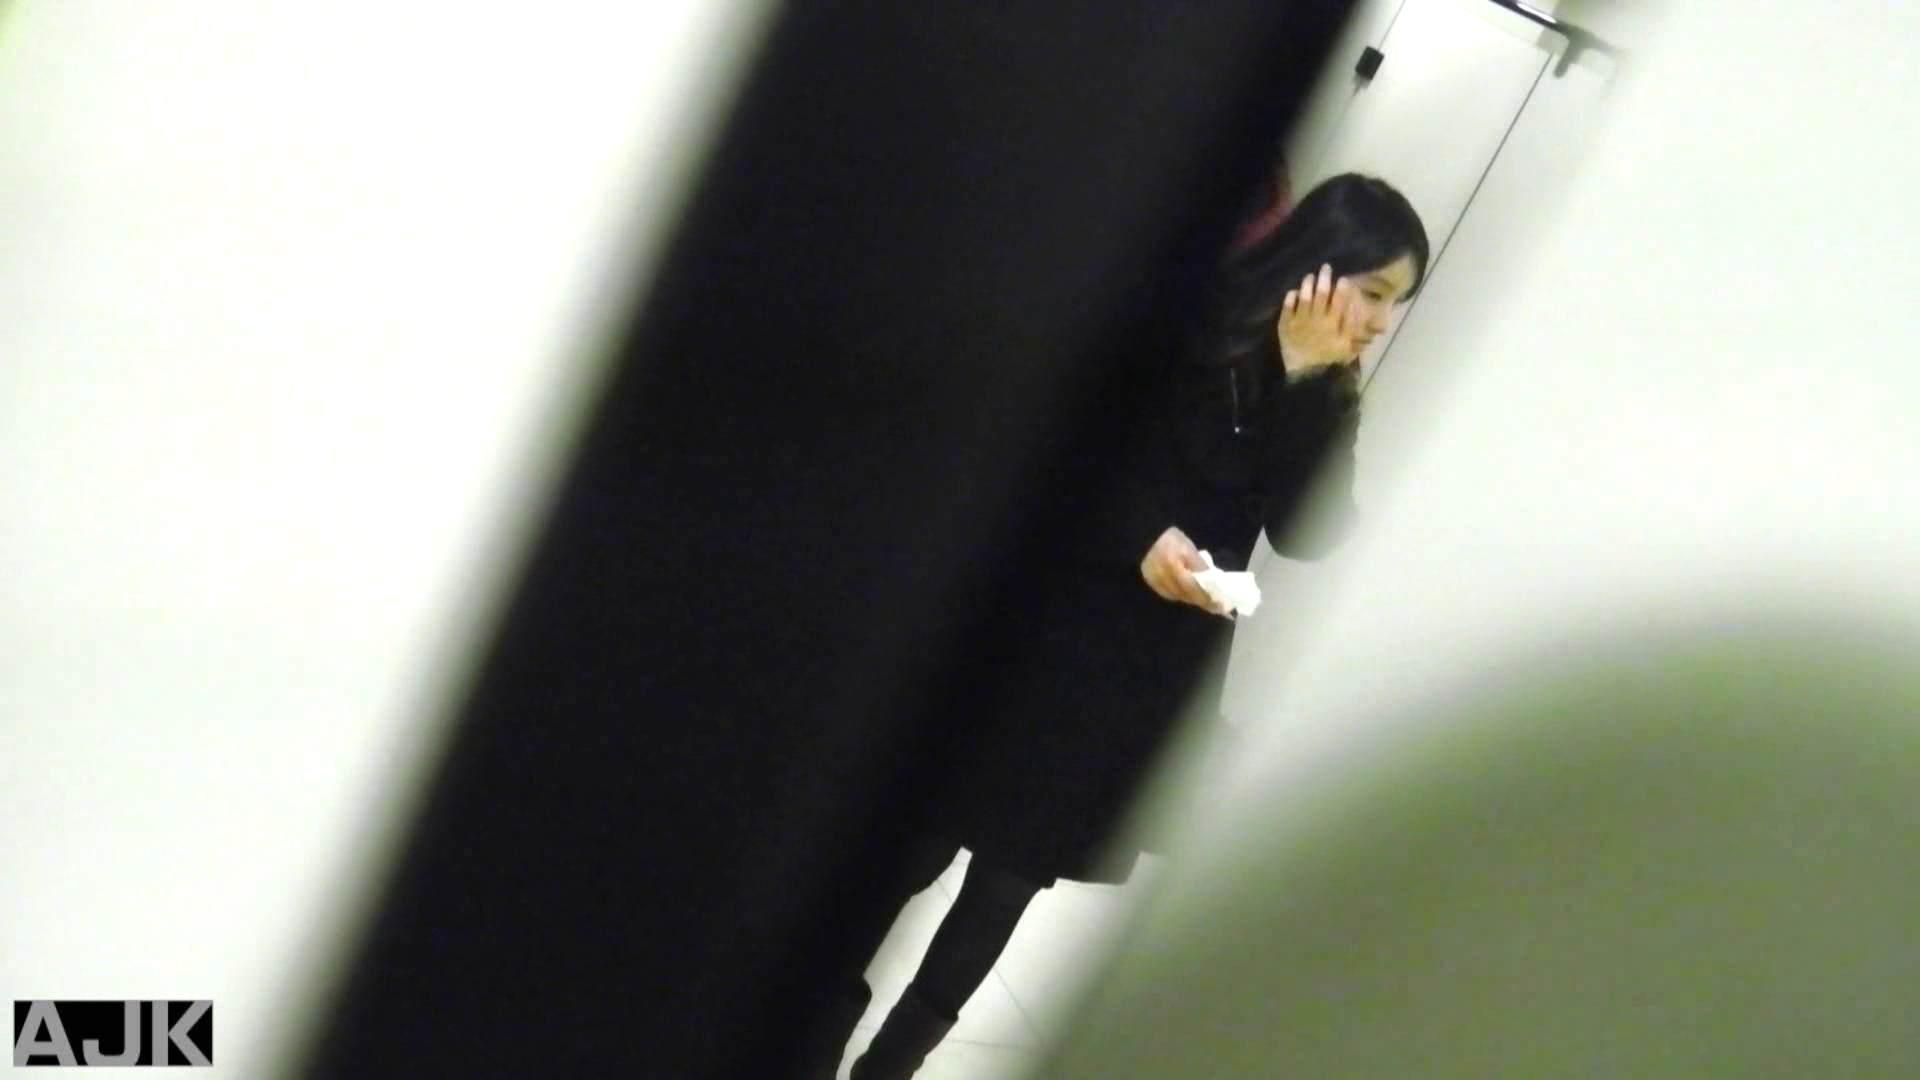 神降臨!史上最強の潜入かわや! vol.20 マンコ すけべAV動画紹介 92連発 60